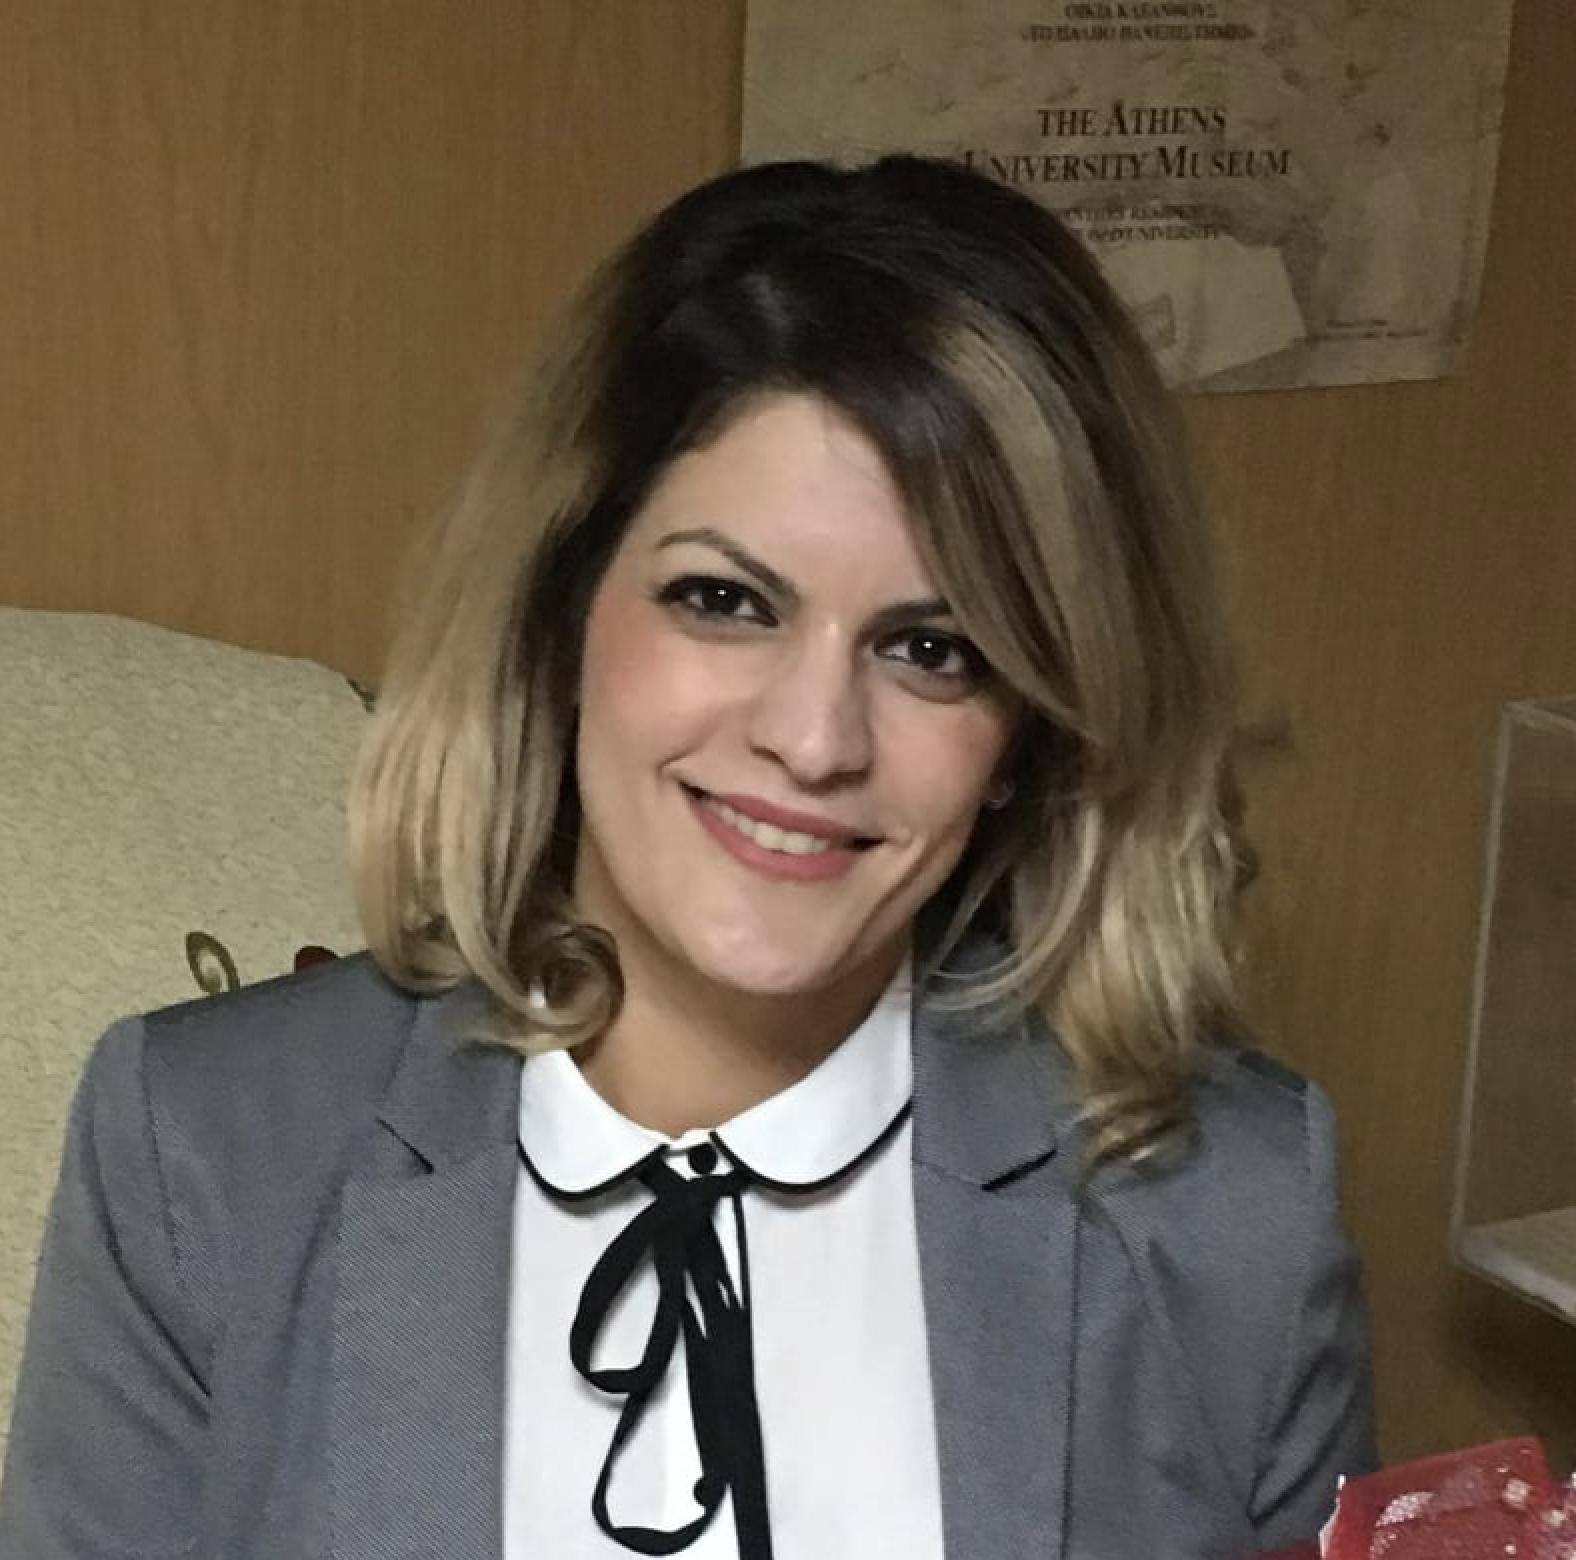 http://cicp.eeg.uminho.pt/wp-content/uploads/2020/09/MaryP.png